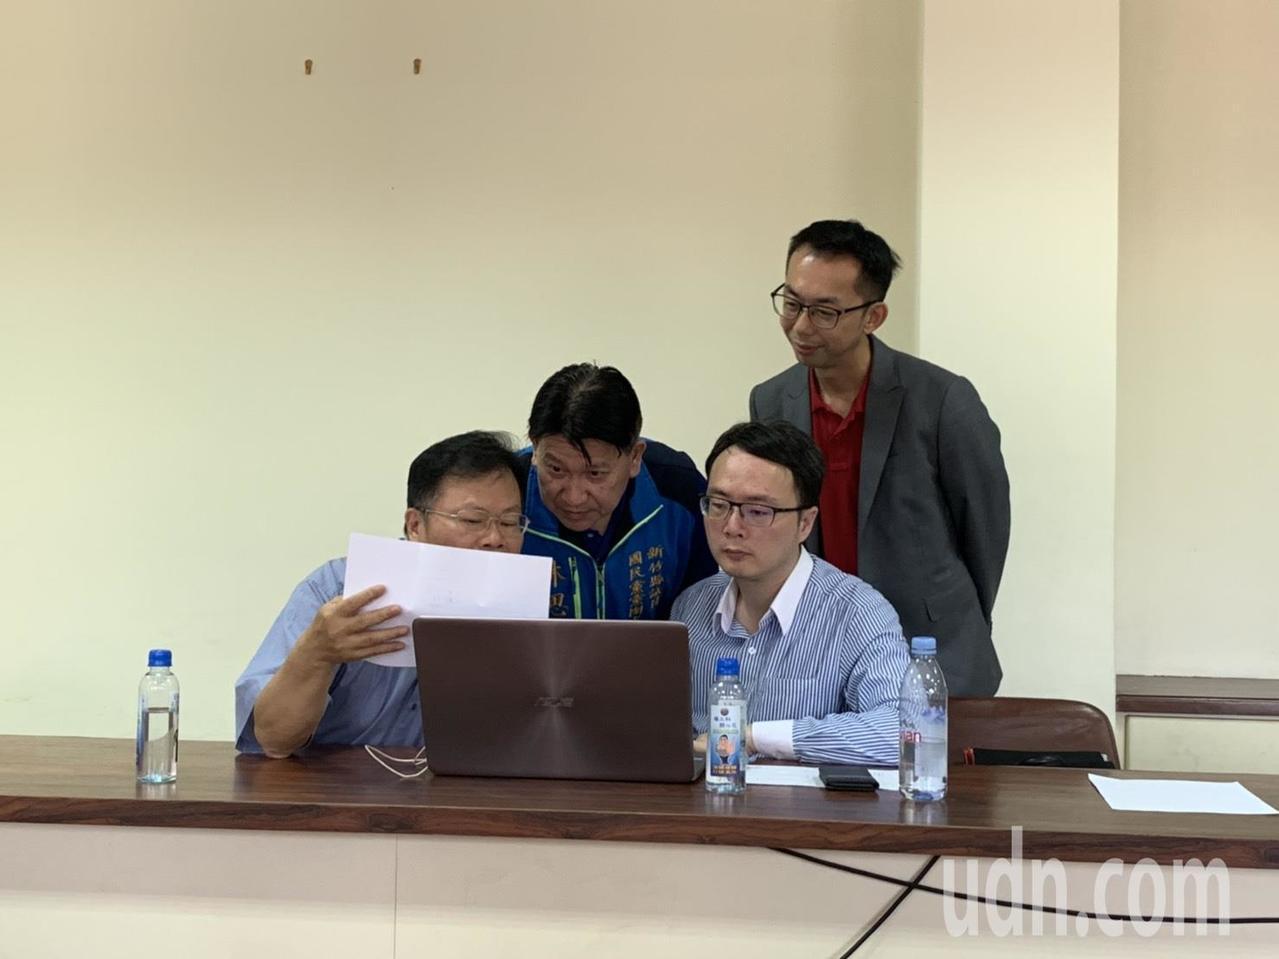 國民黨新竹縣立委第二選區參選人林思銘(左二)、邱一峰(後排)正在核對民調結果有無...